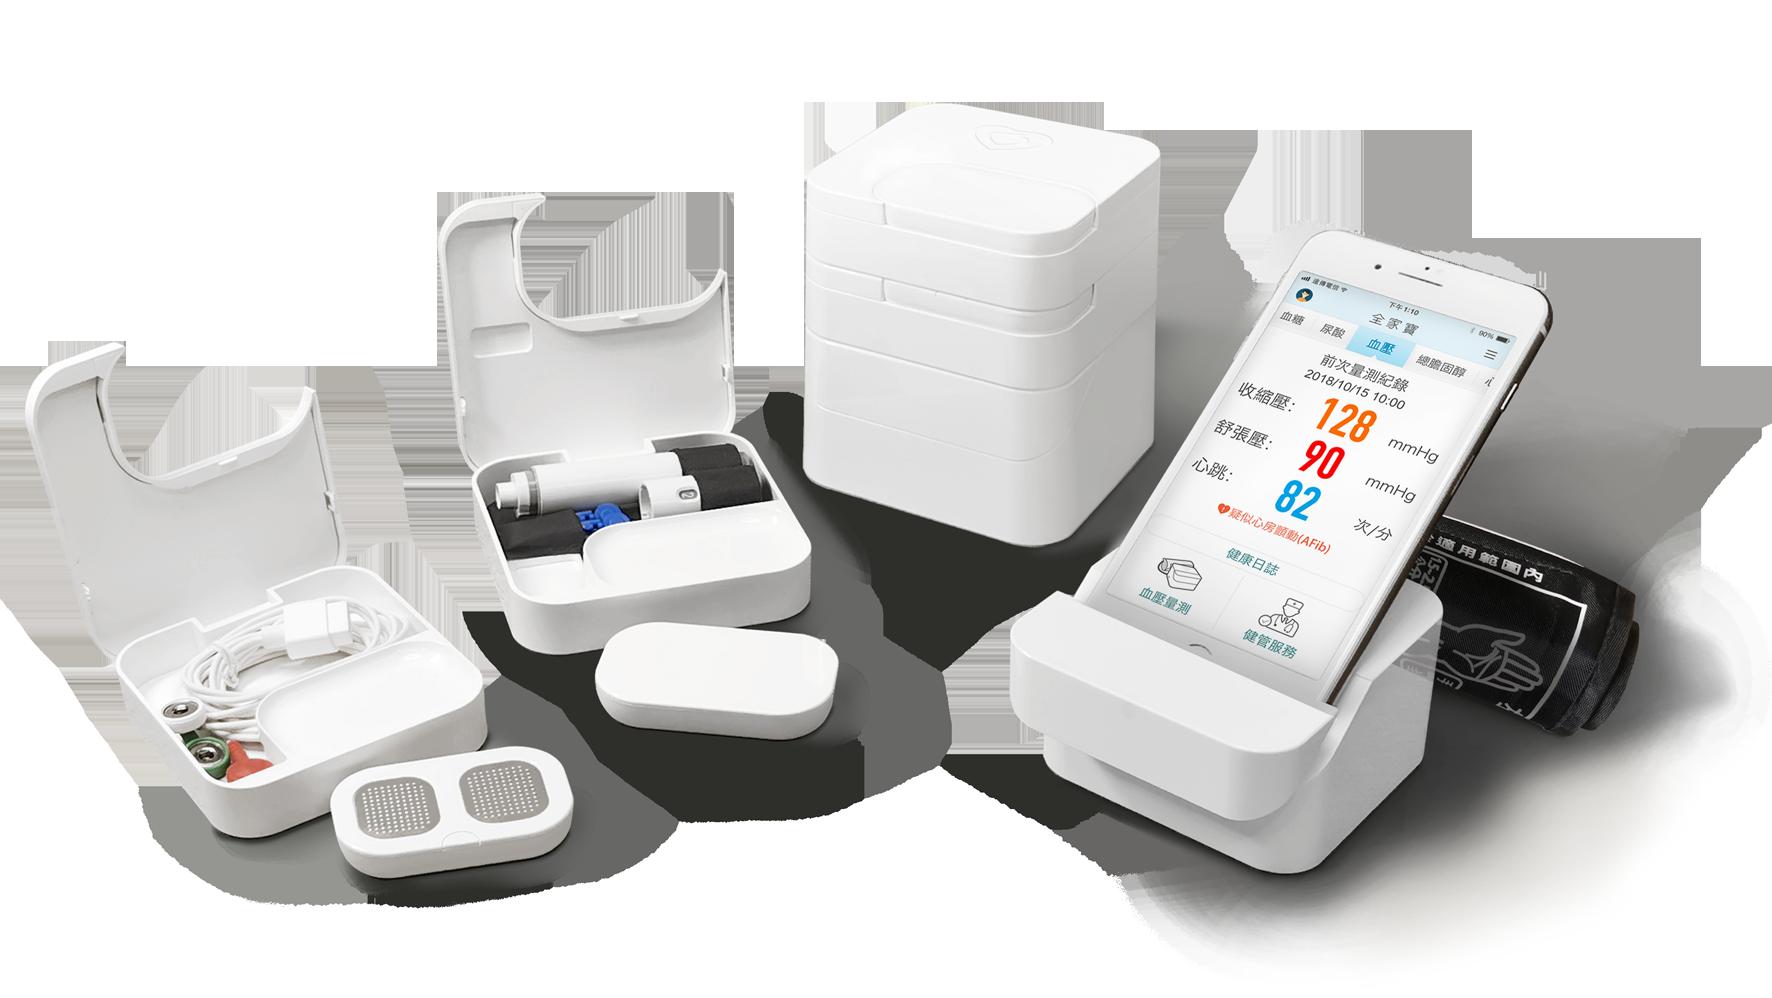 台塑生醫i醫健康診所/健康管理中心 全家寶 南山人壽 三機一體 全家寶 套裝設備 電子血壓計 血糖、總膽固醇、尿酸監測系統 心電圖機